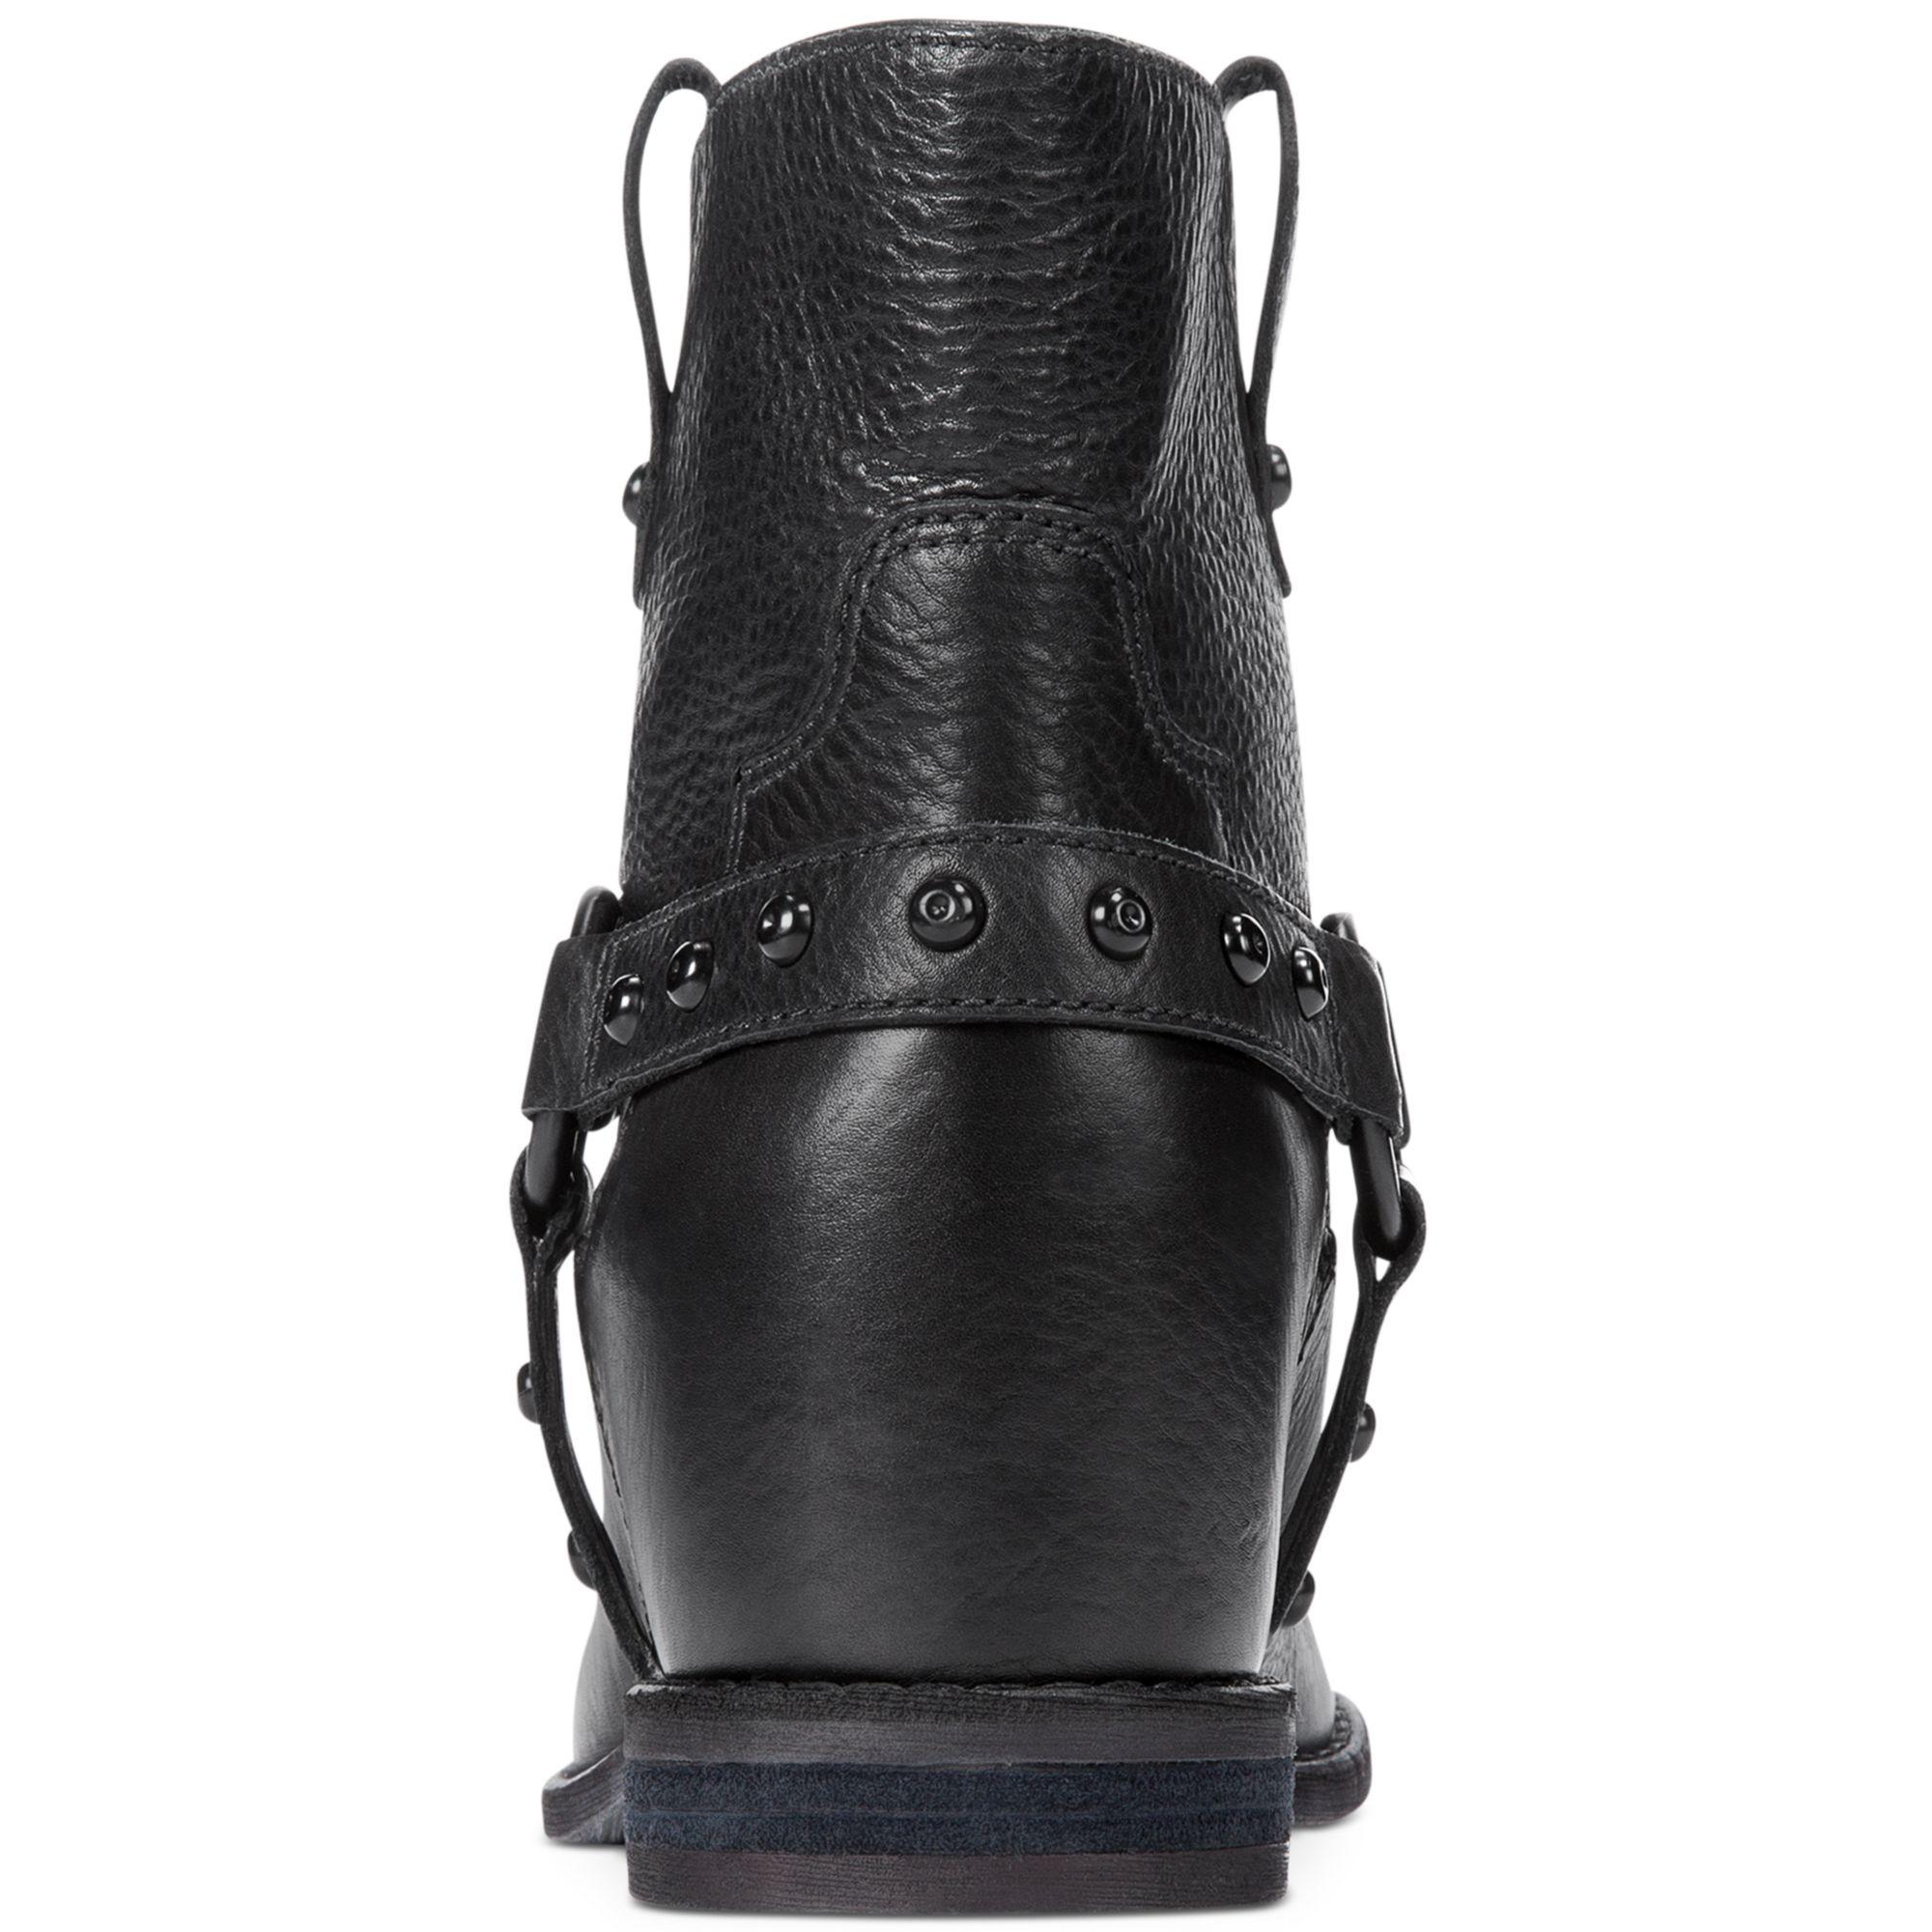 Enzo angiolini Rokira Hidden Wedge Booties in Black (Black ...